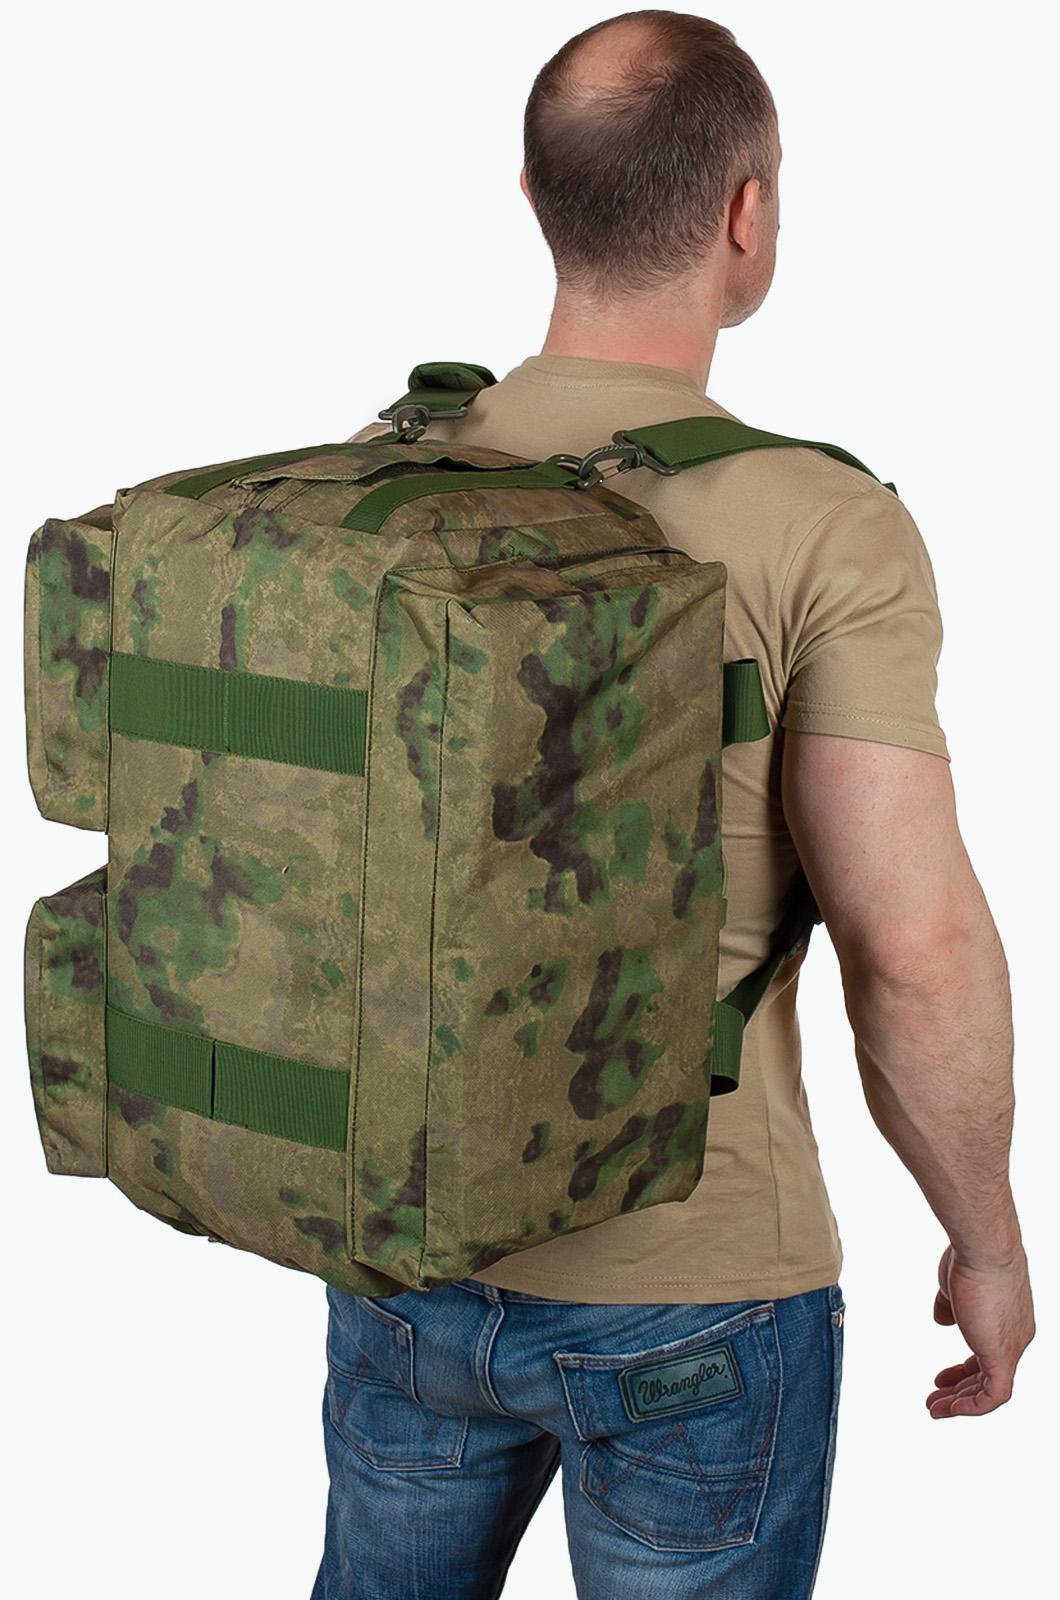 Походная полевая сумка с эмблемой Охотничьих войск купить с доставкой